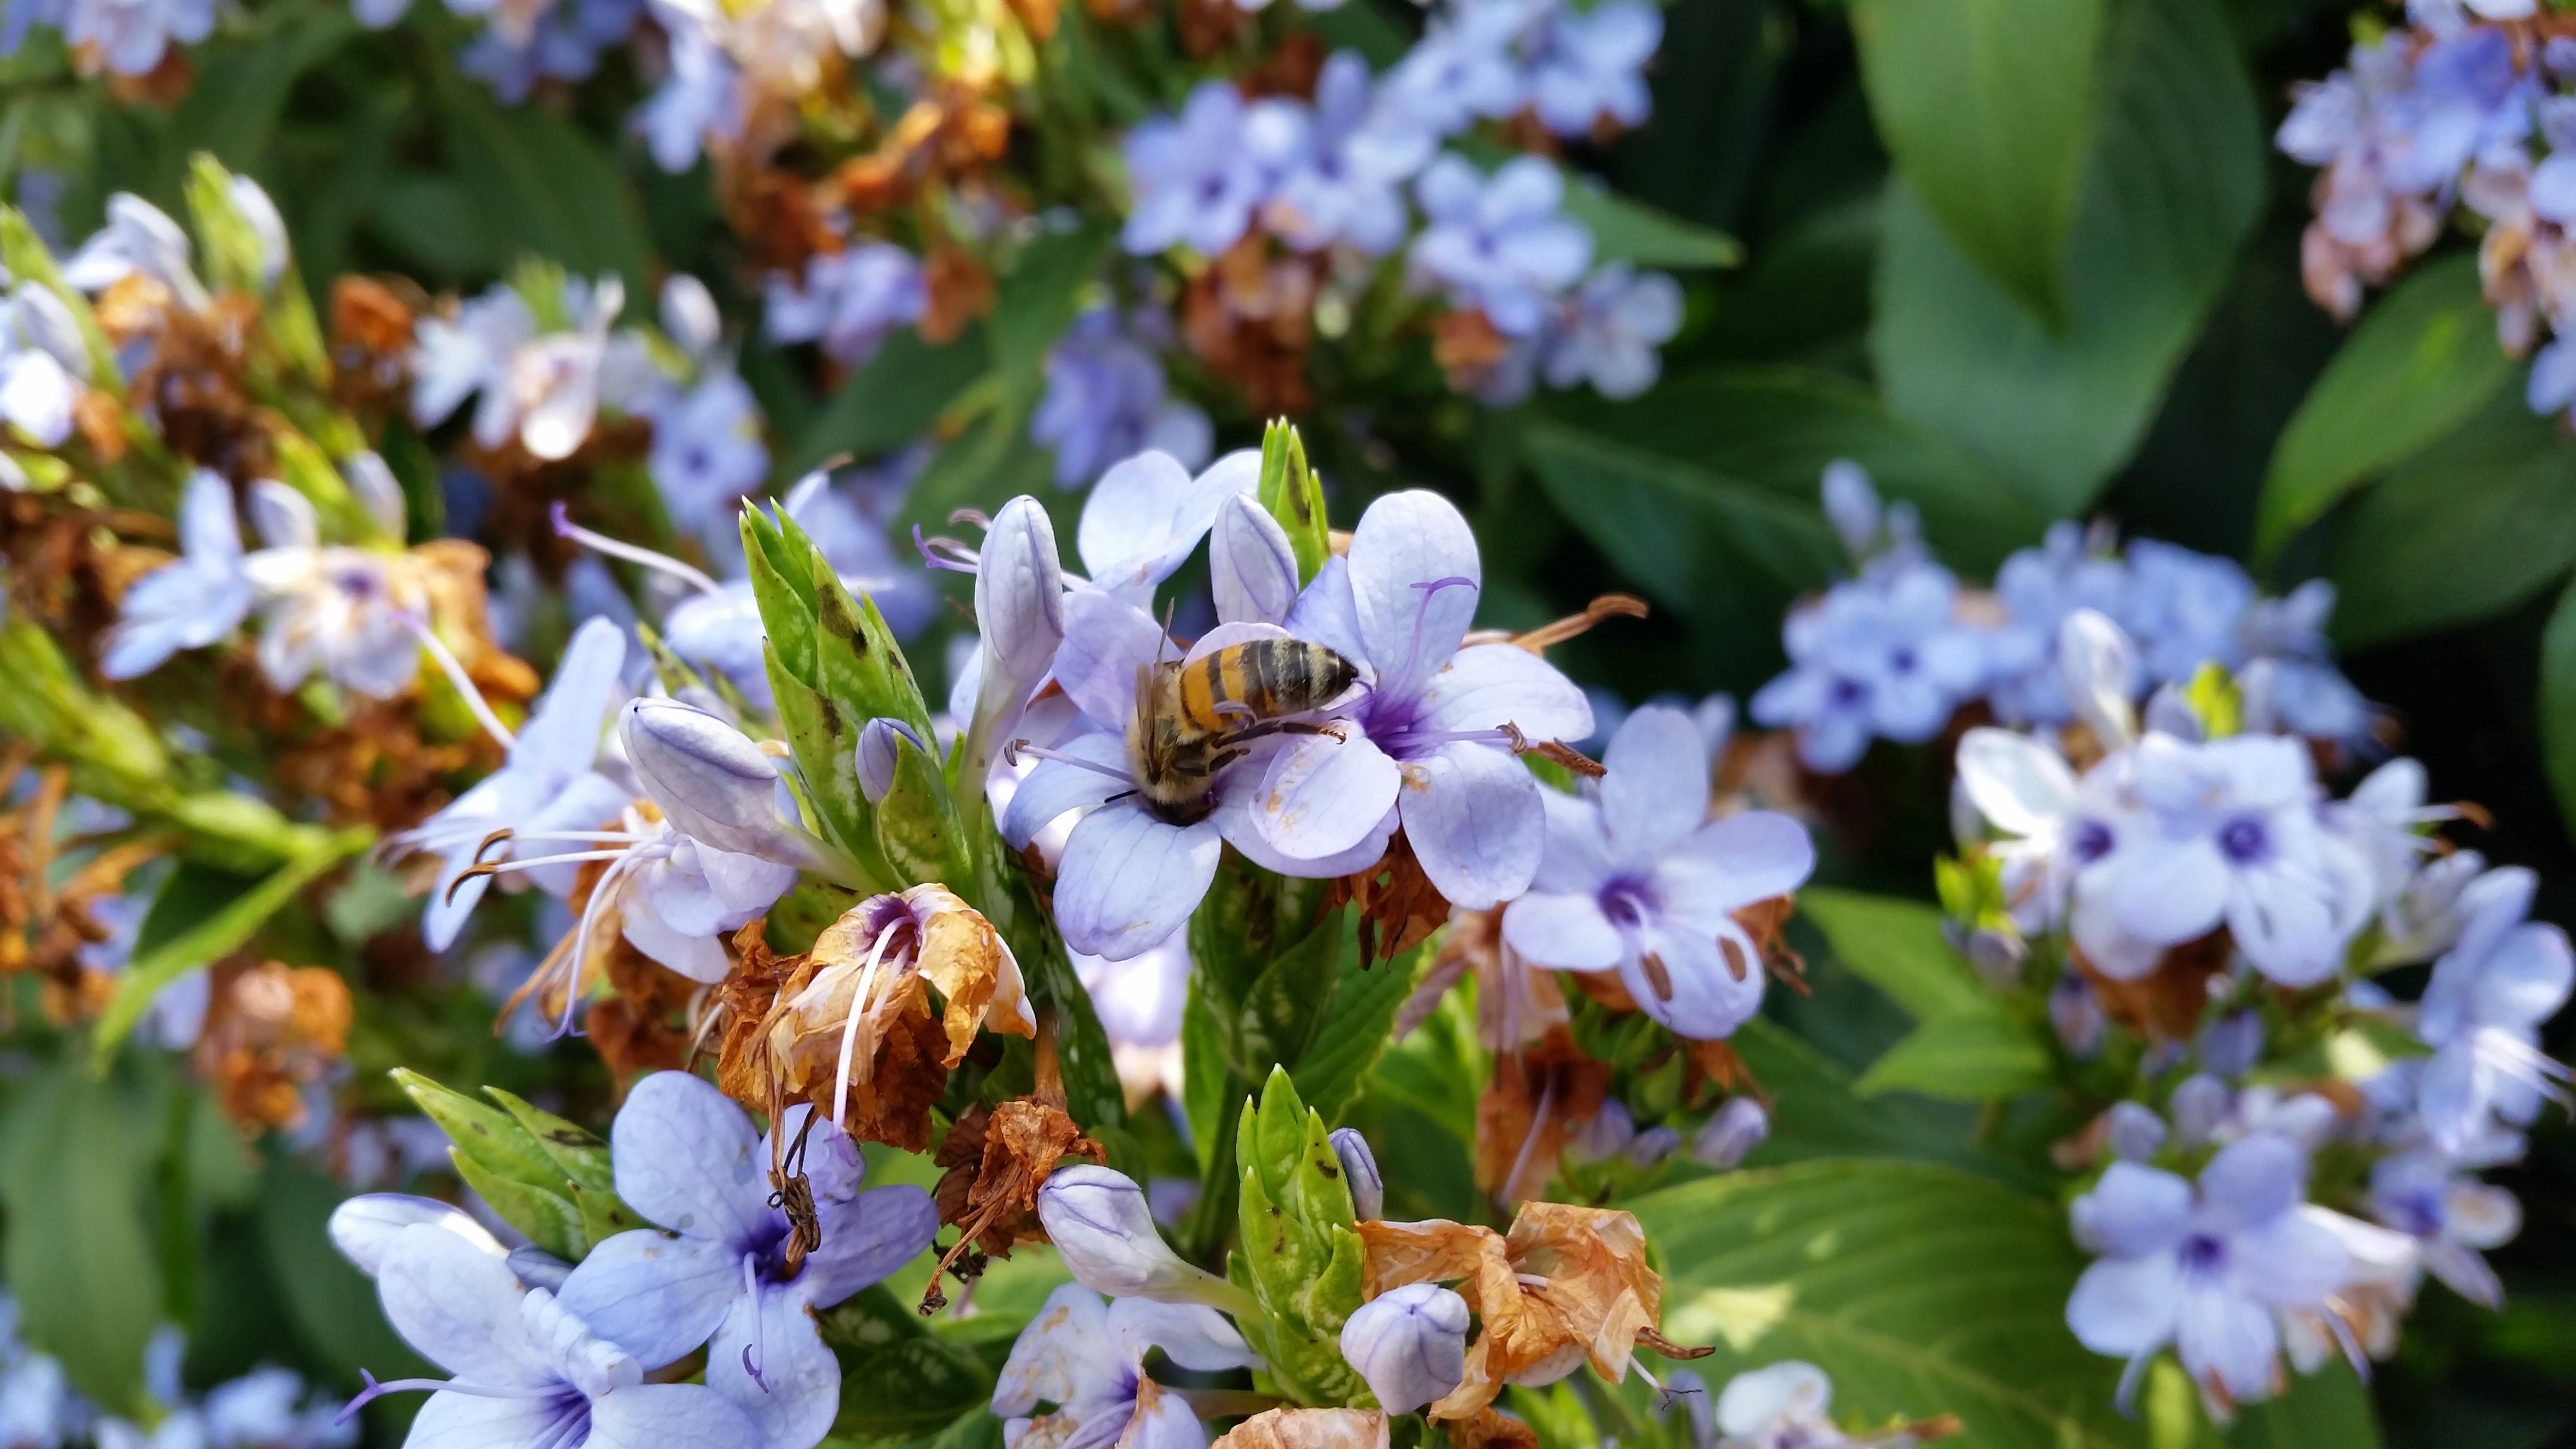 A Bee in a Bush